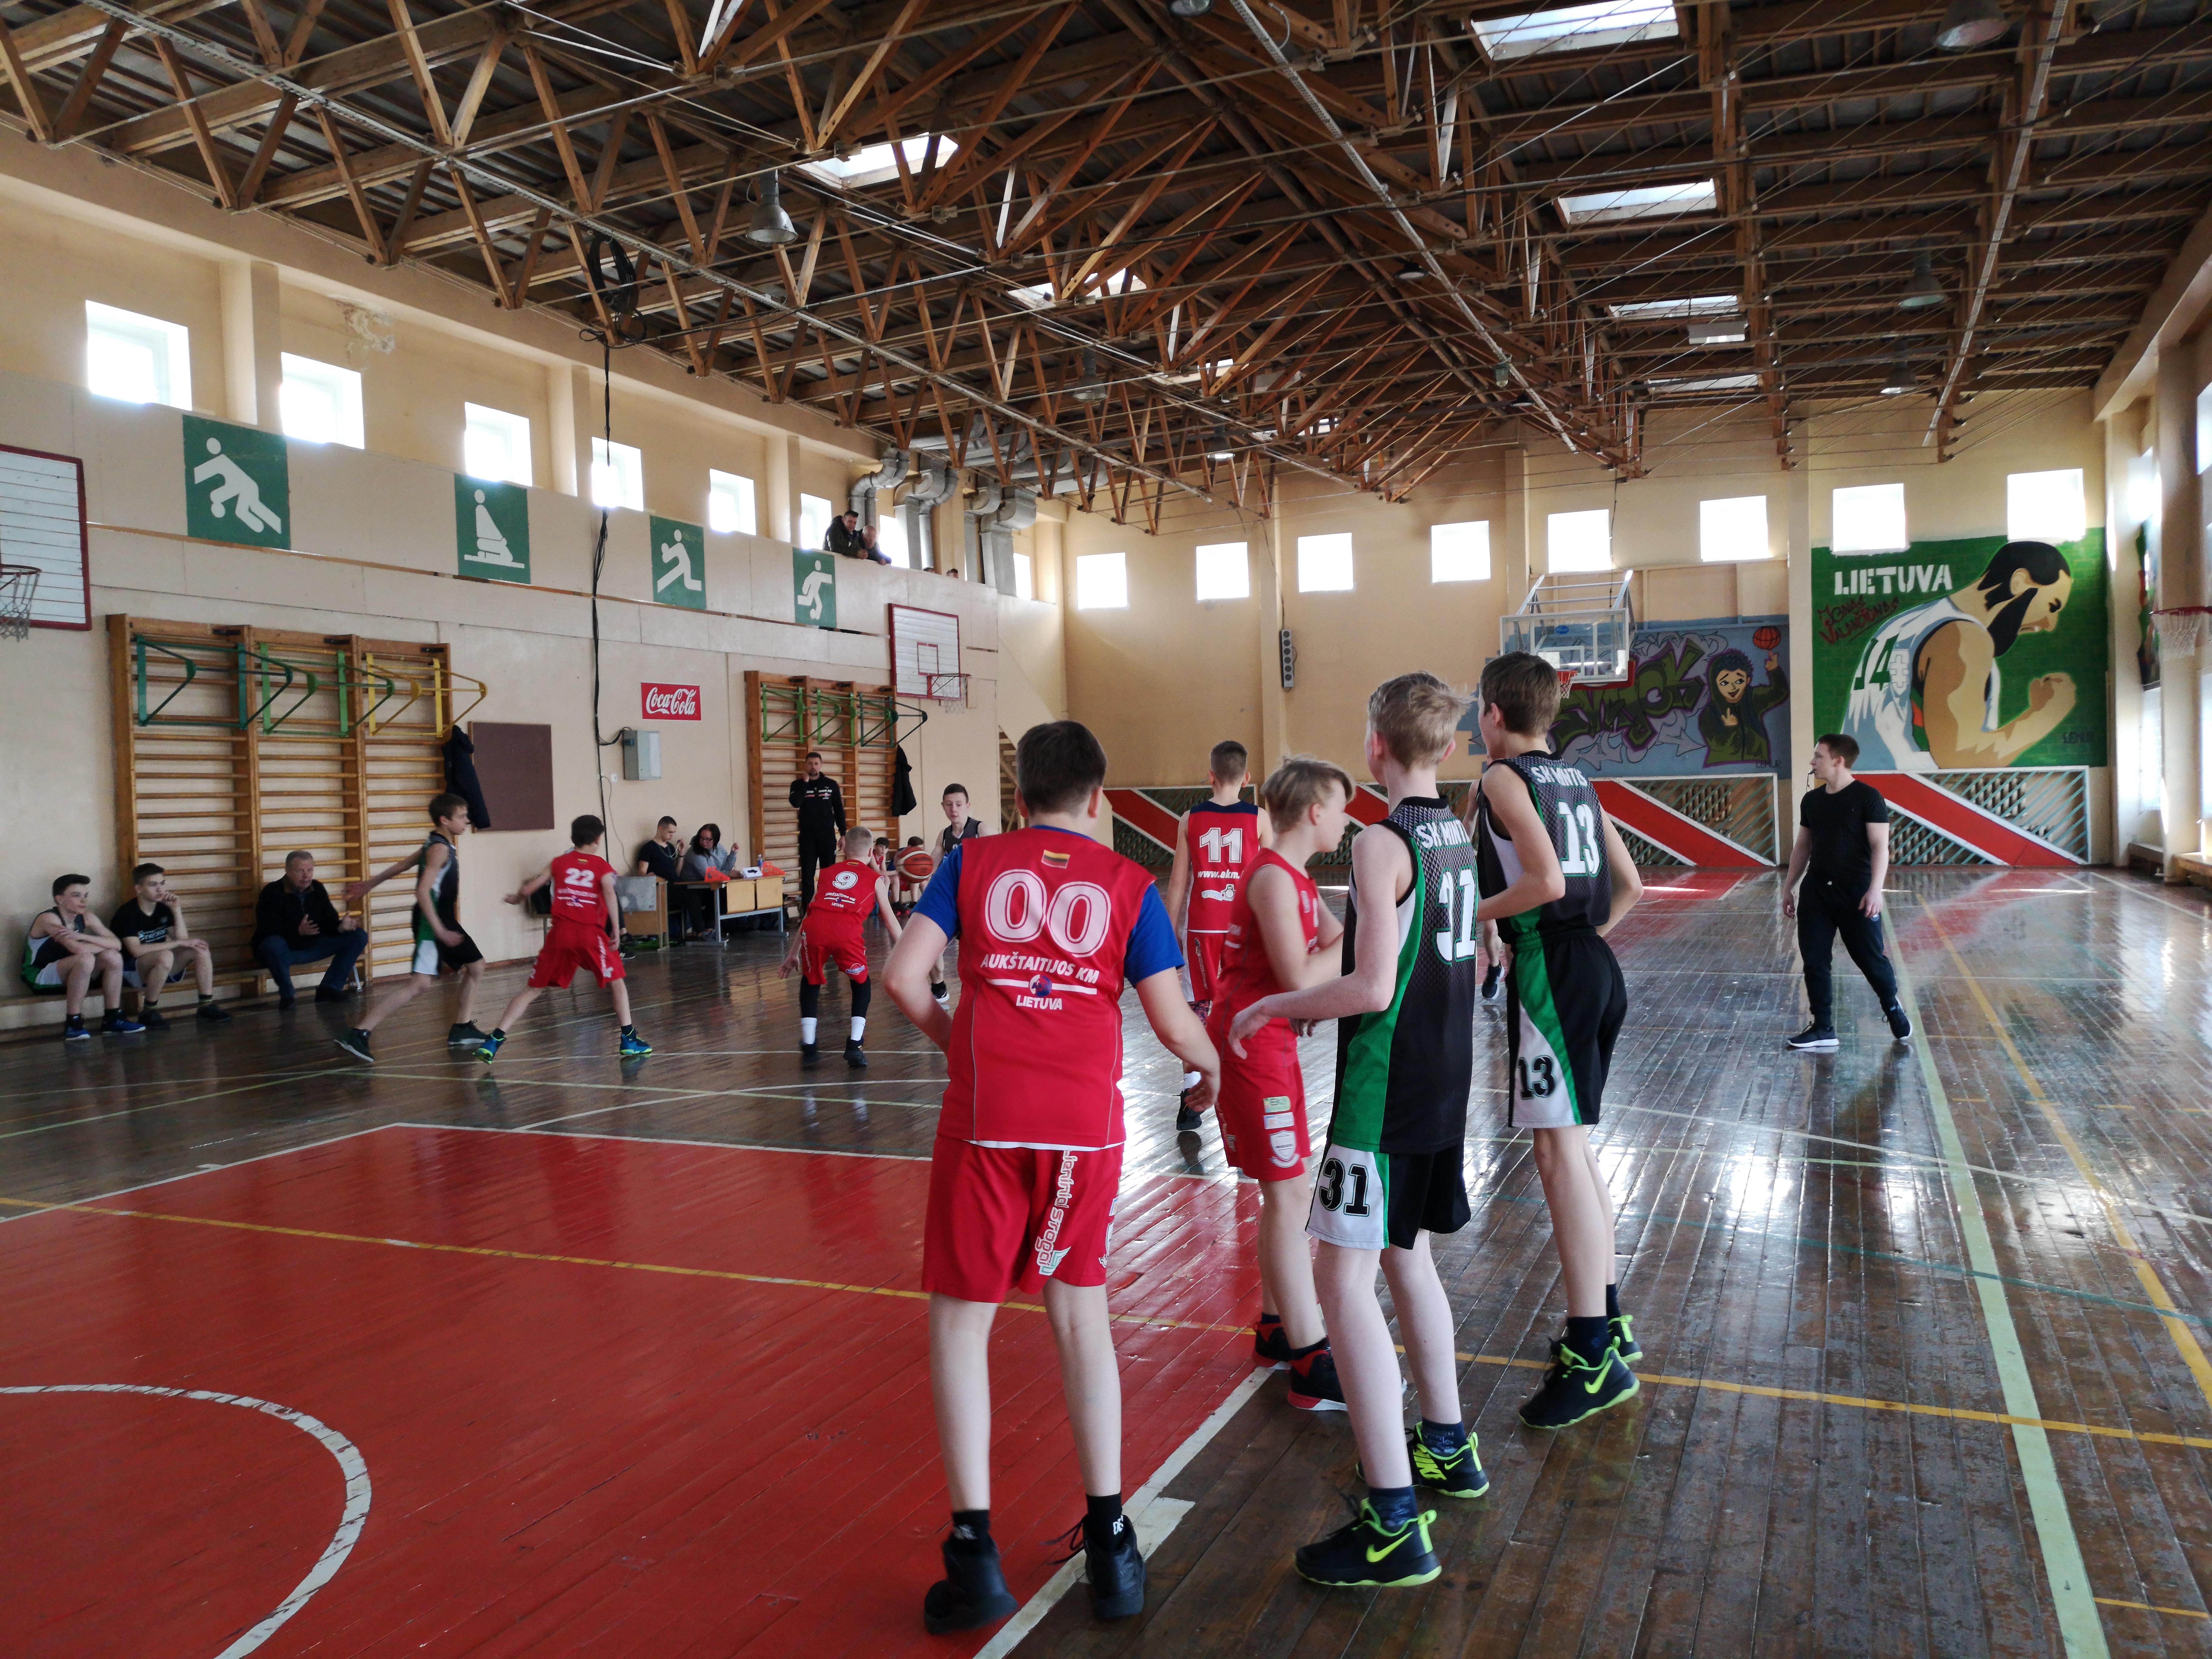 Aukštaitijos krepšinio mokyklos mokyklinukų krepšinio čempionatas Atostoguauto.LT taurei laimėti žengia į antrąją sezono pusę